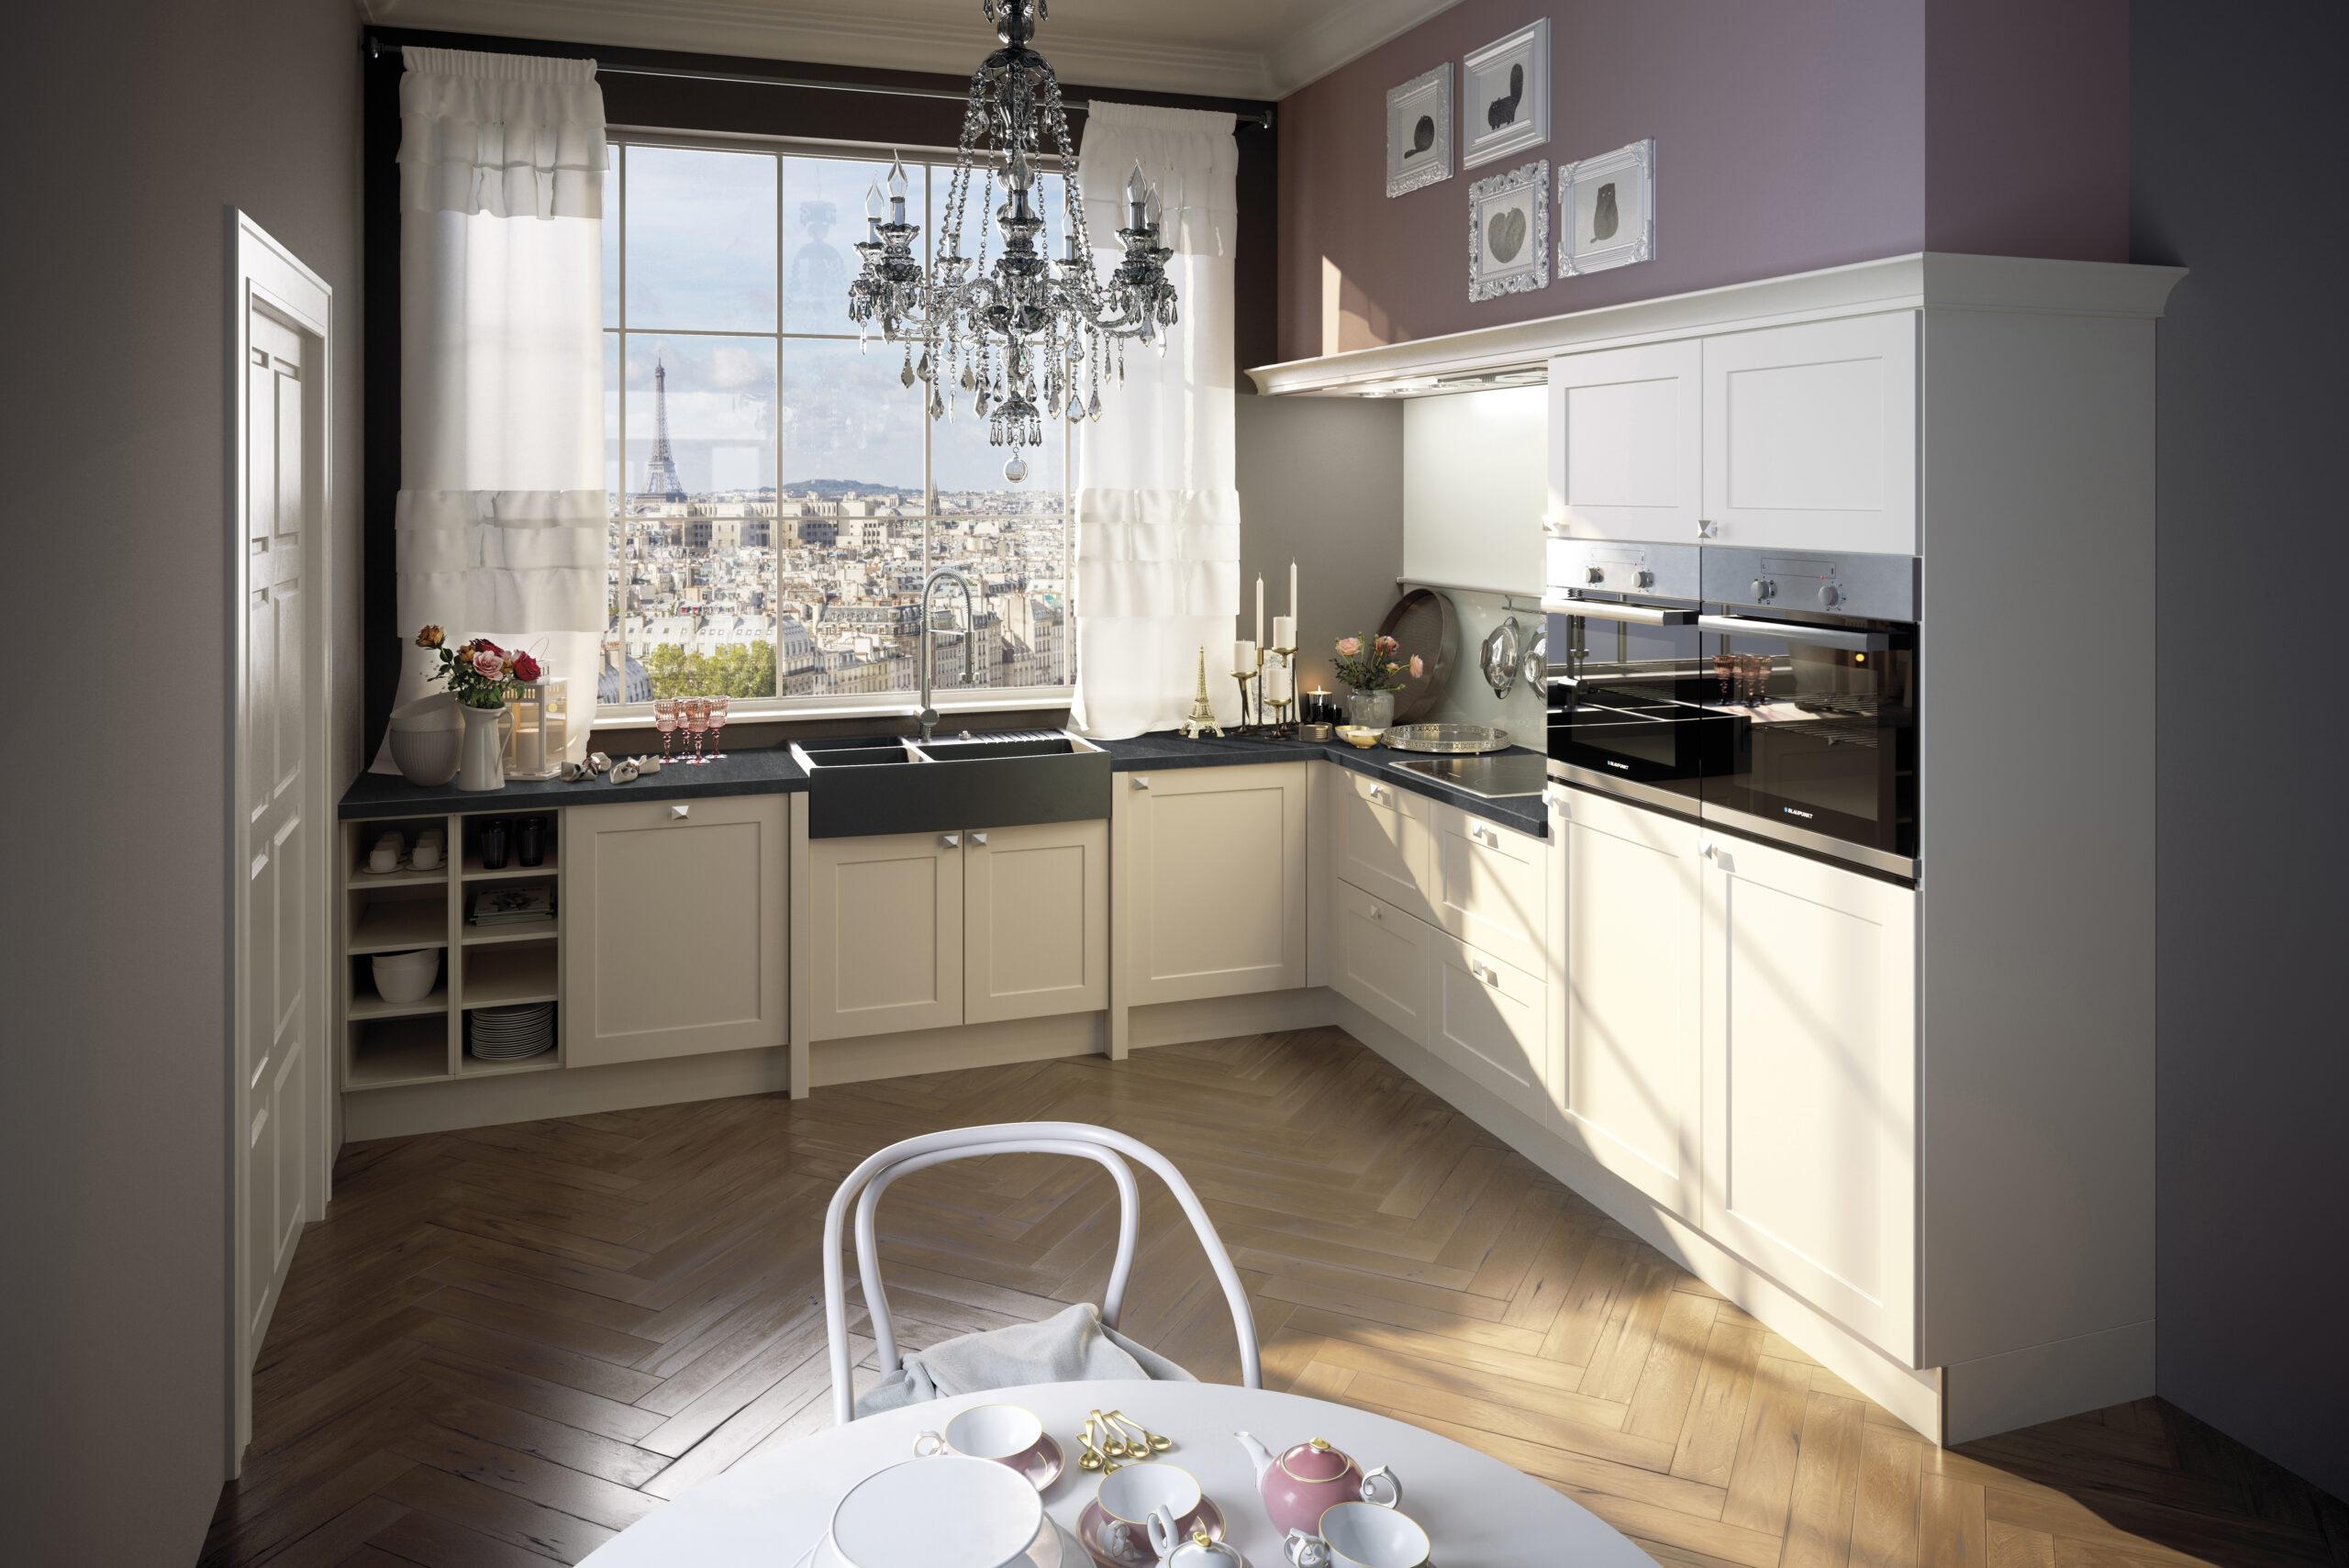 Full Size of Landhausküche Einrichten Badezimmer Weisse Moderne Grau Küche Kleine Gebraucht Weiß Wohnzimmer Landhausküche Einrichten